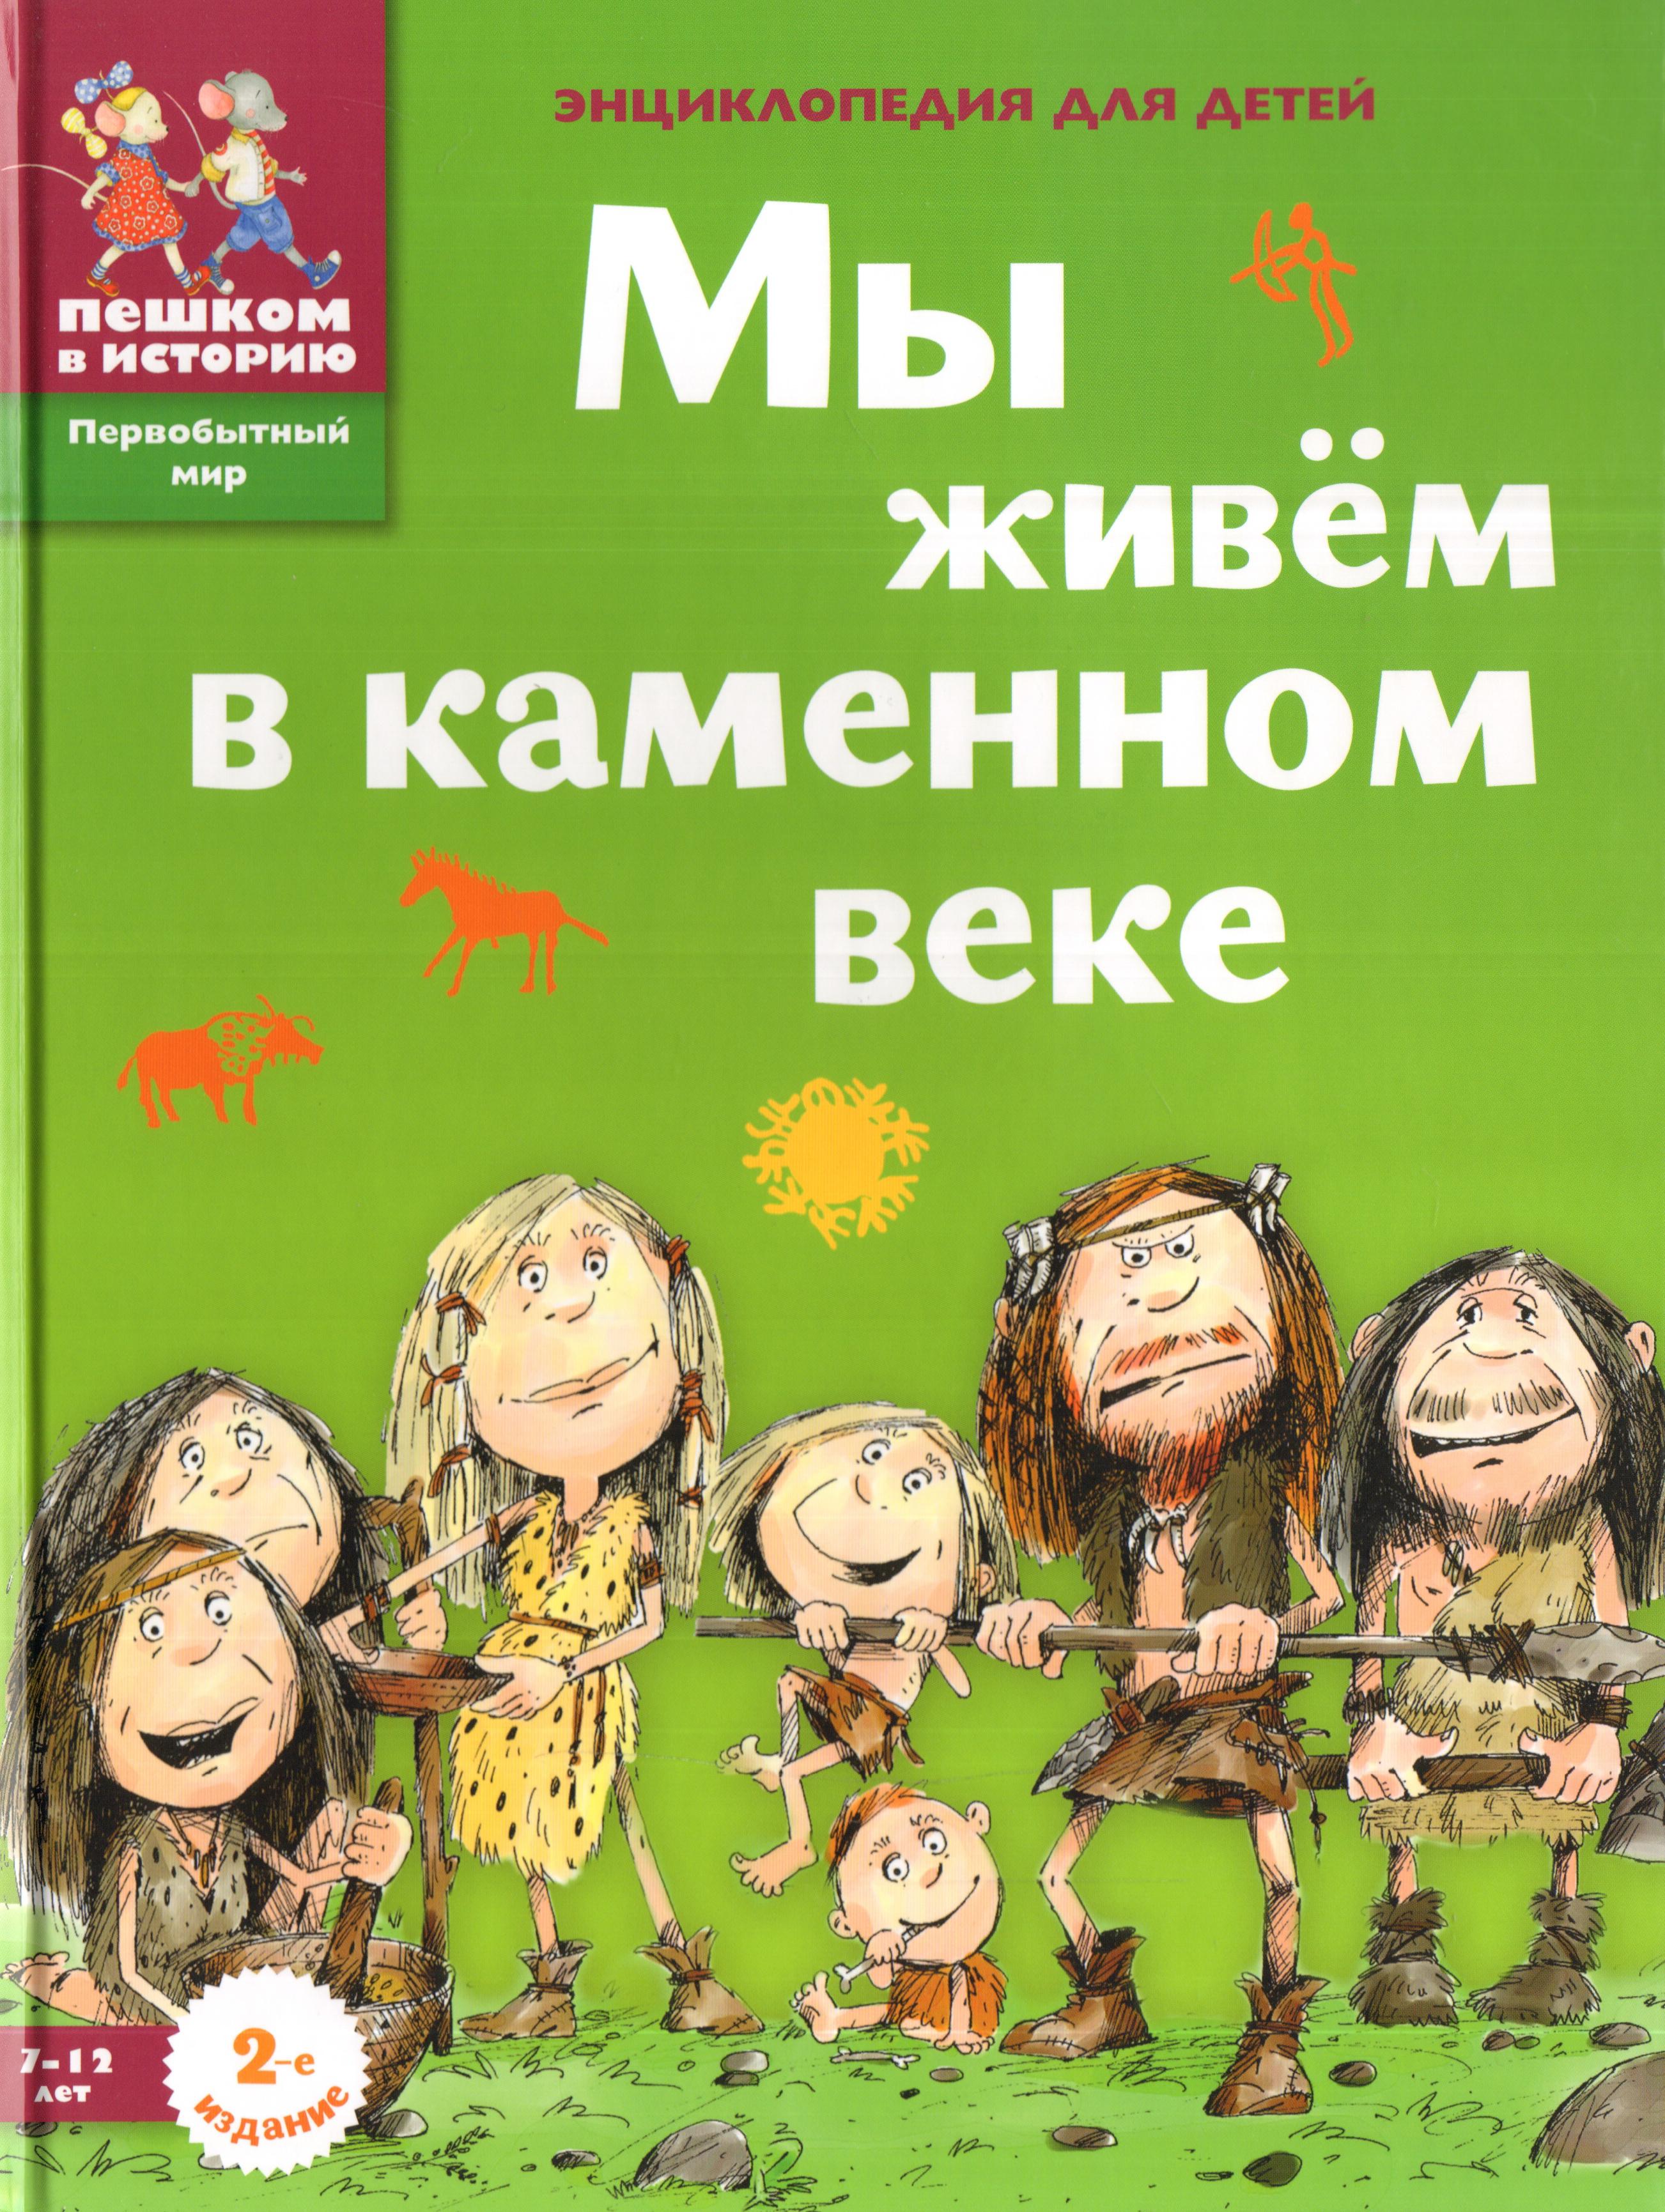 ПМ 017 Мы живем в каменном веке. Энциклопедия